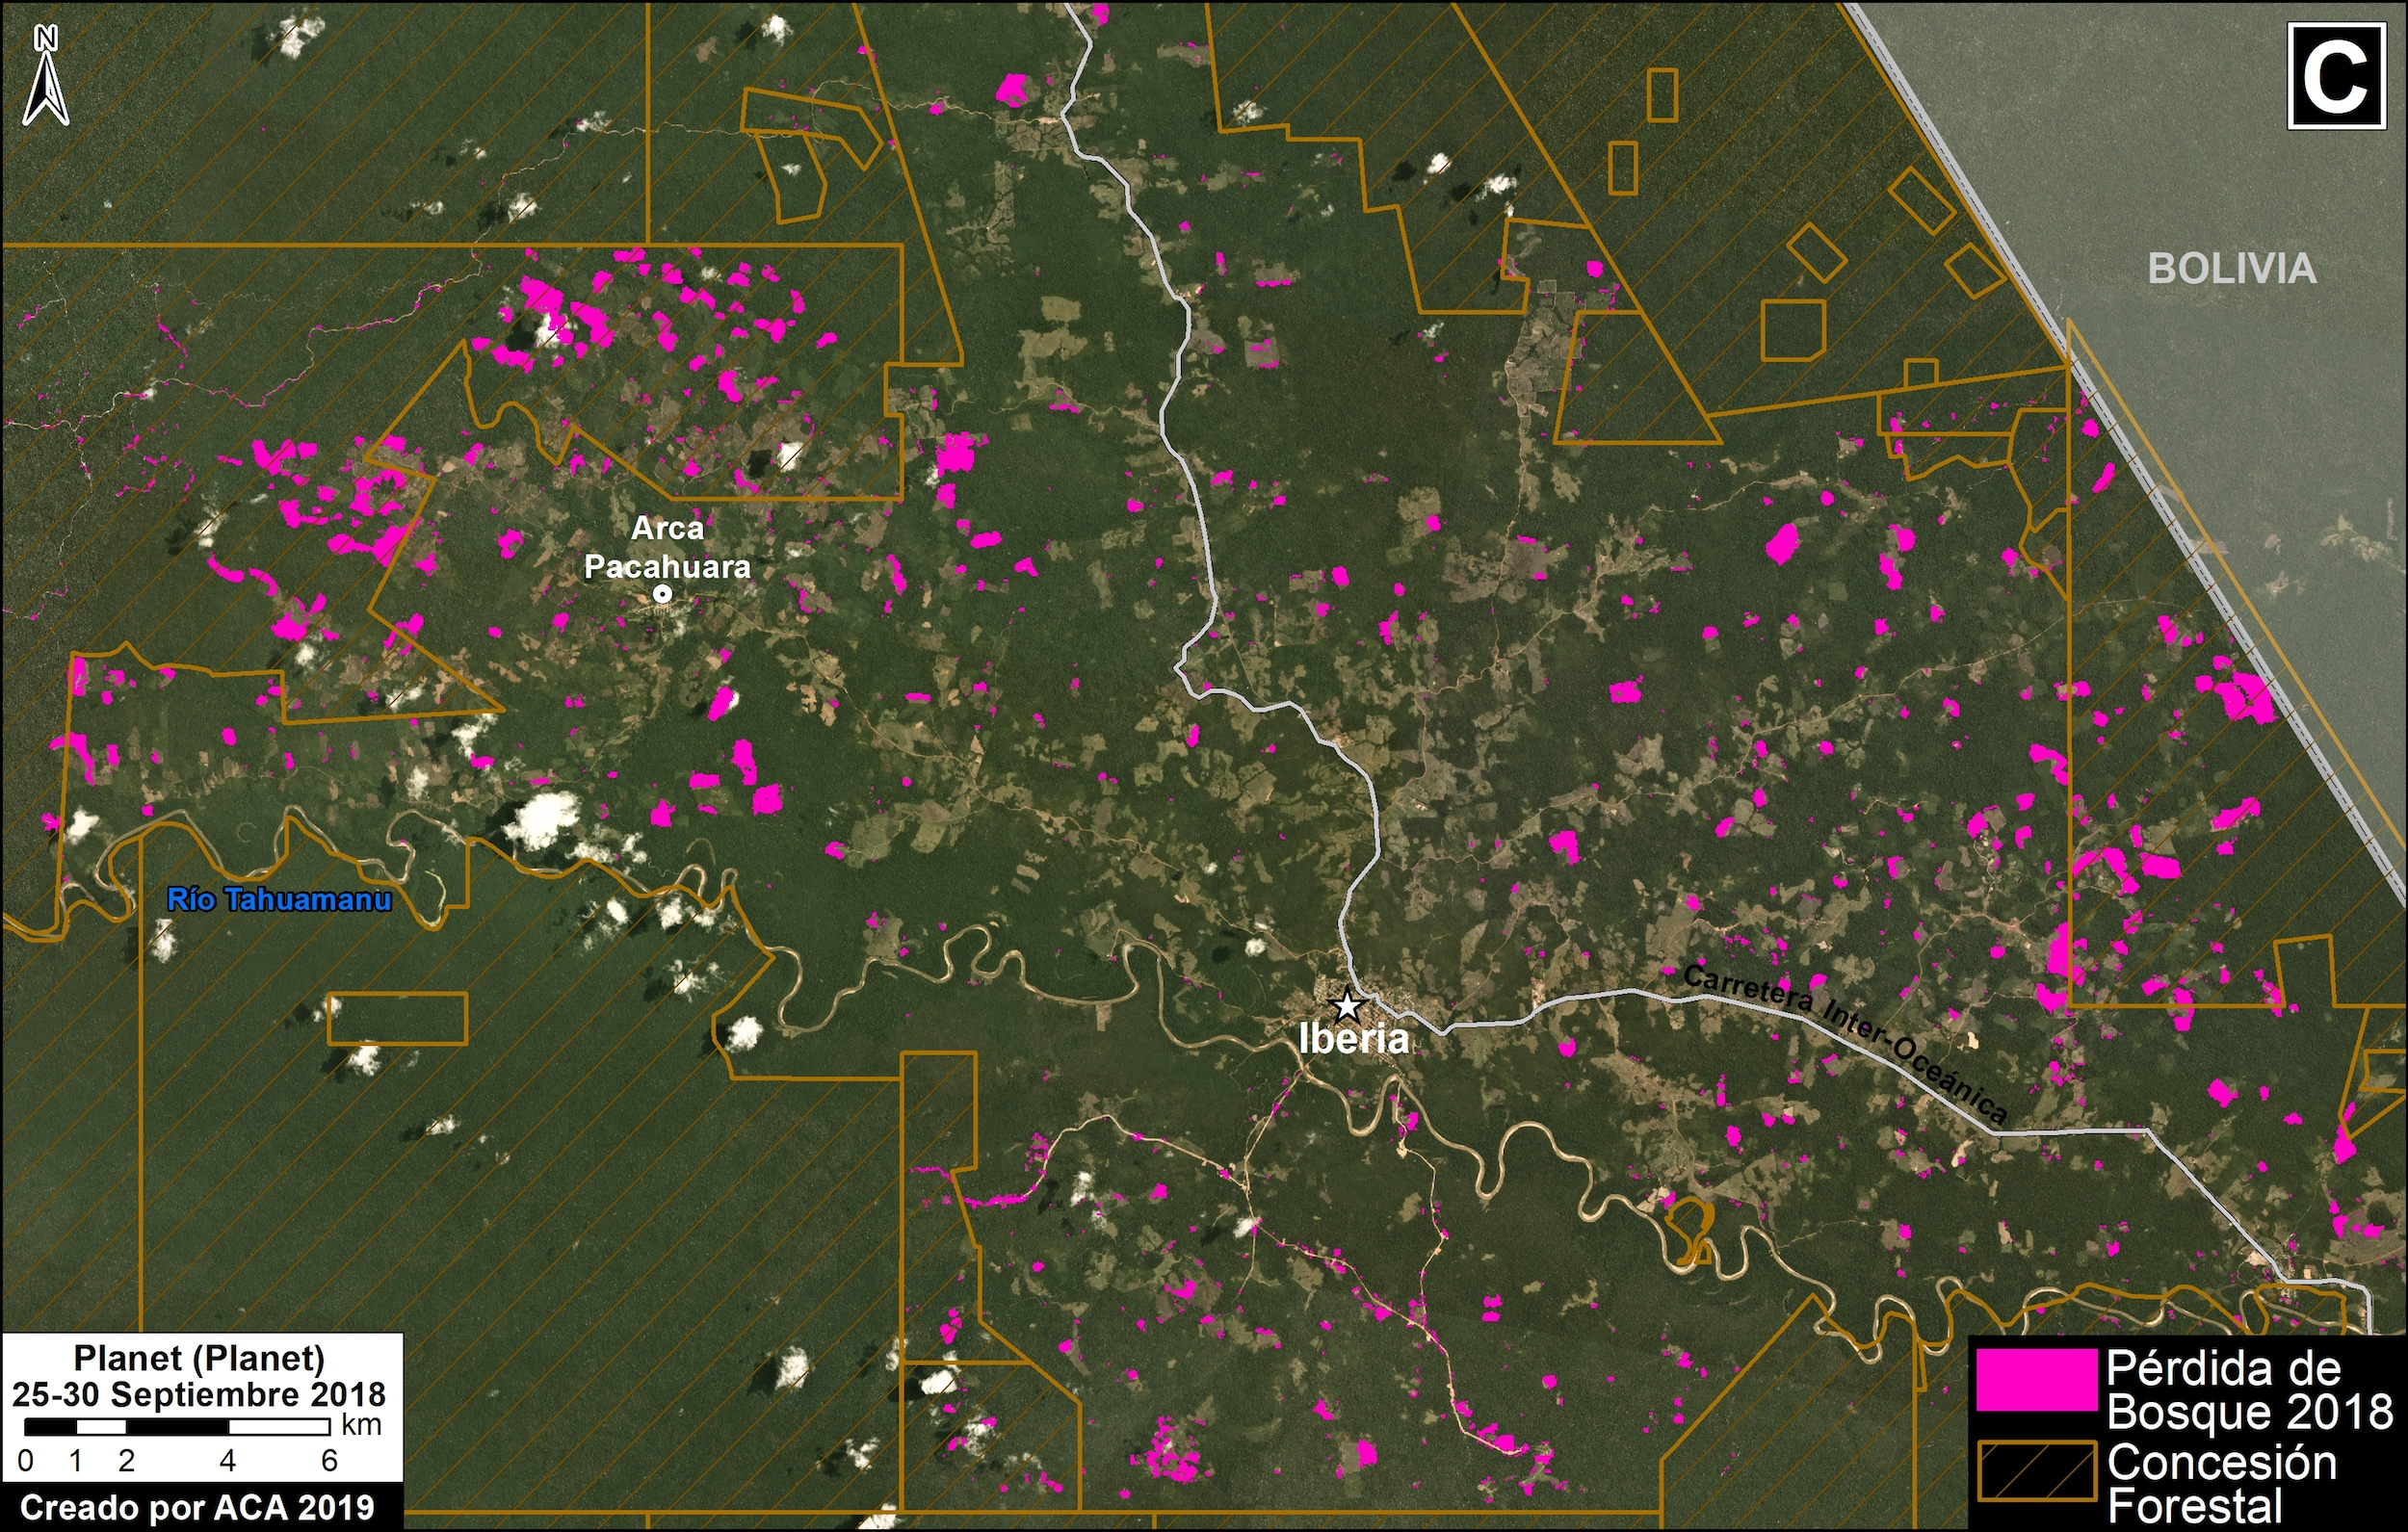 Cultivos ilegales se observan en concesiones forestales en la zona de Iberia, en Madre de Dios, Imagen: MAAp / ACCA.